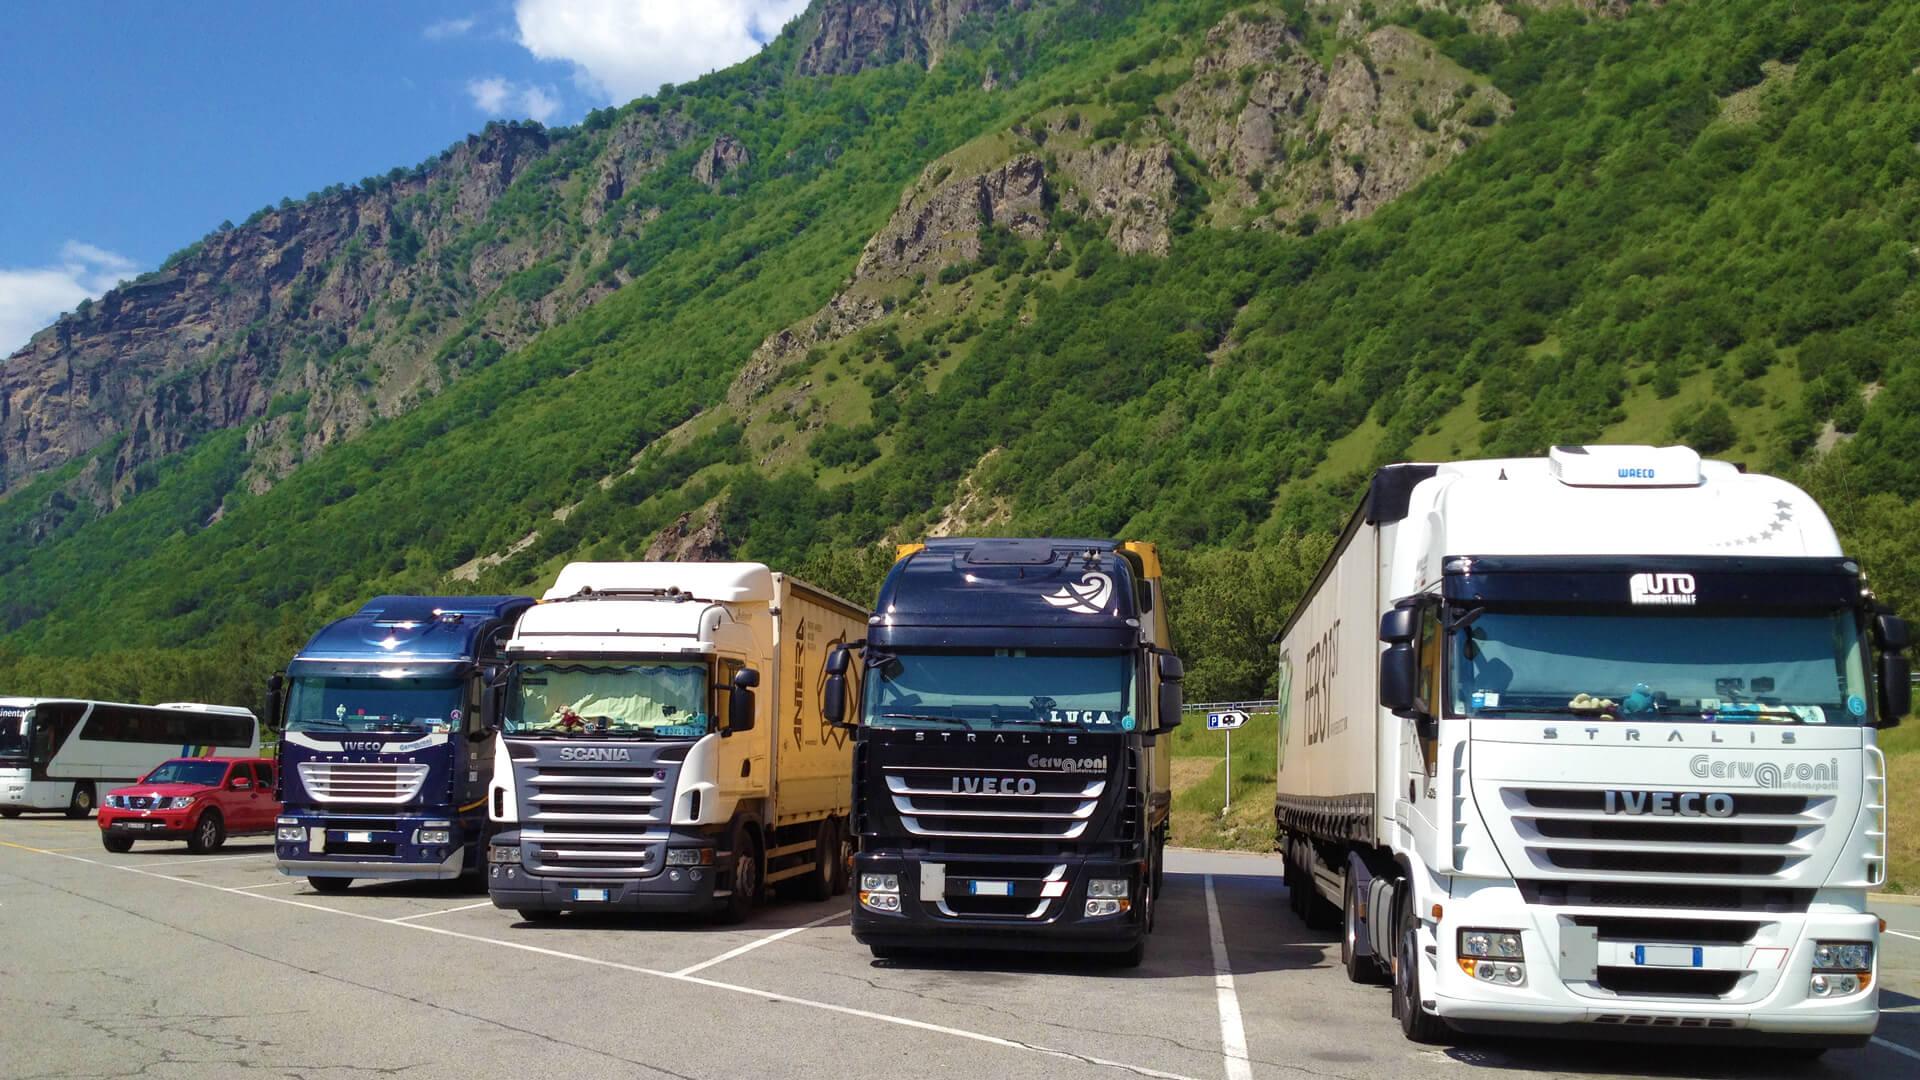 automezzi per distribuzione merci bergamo